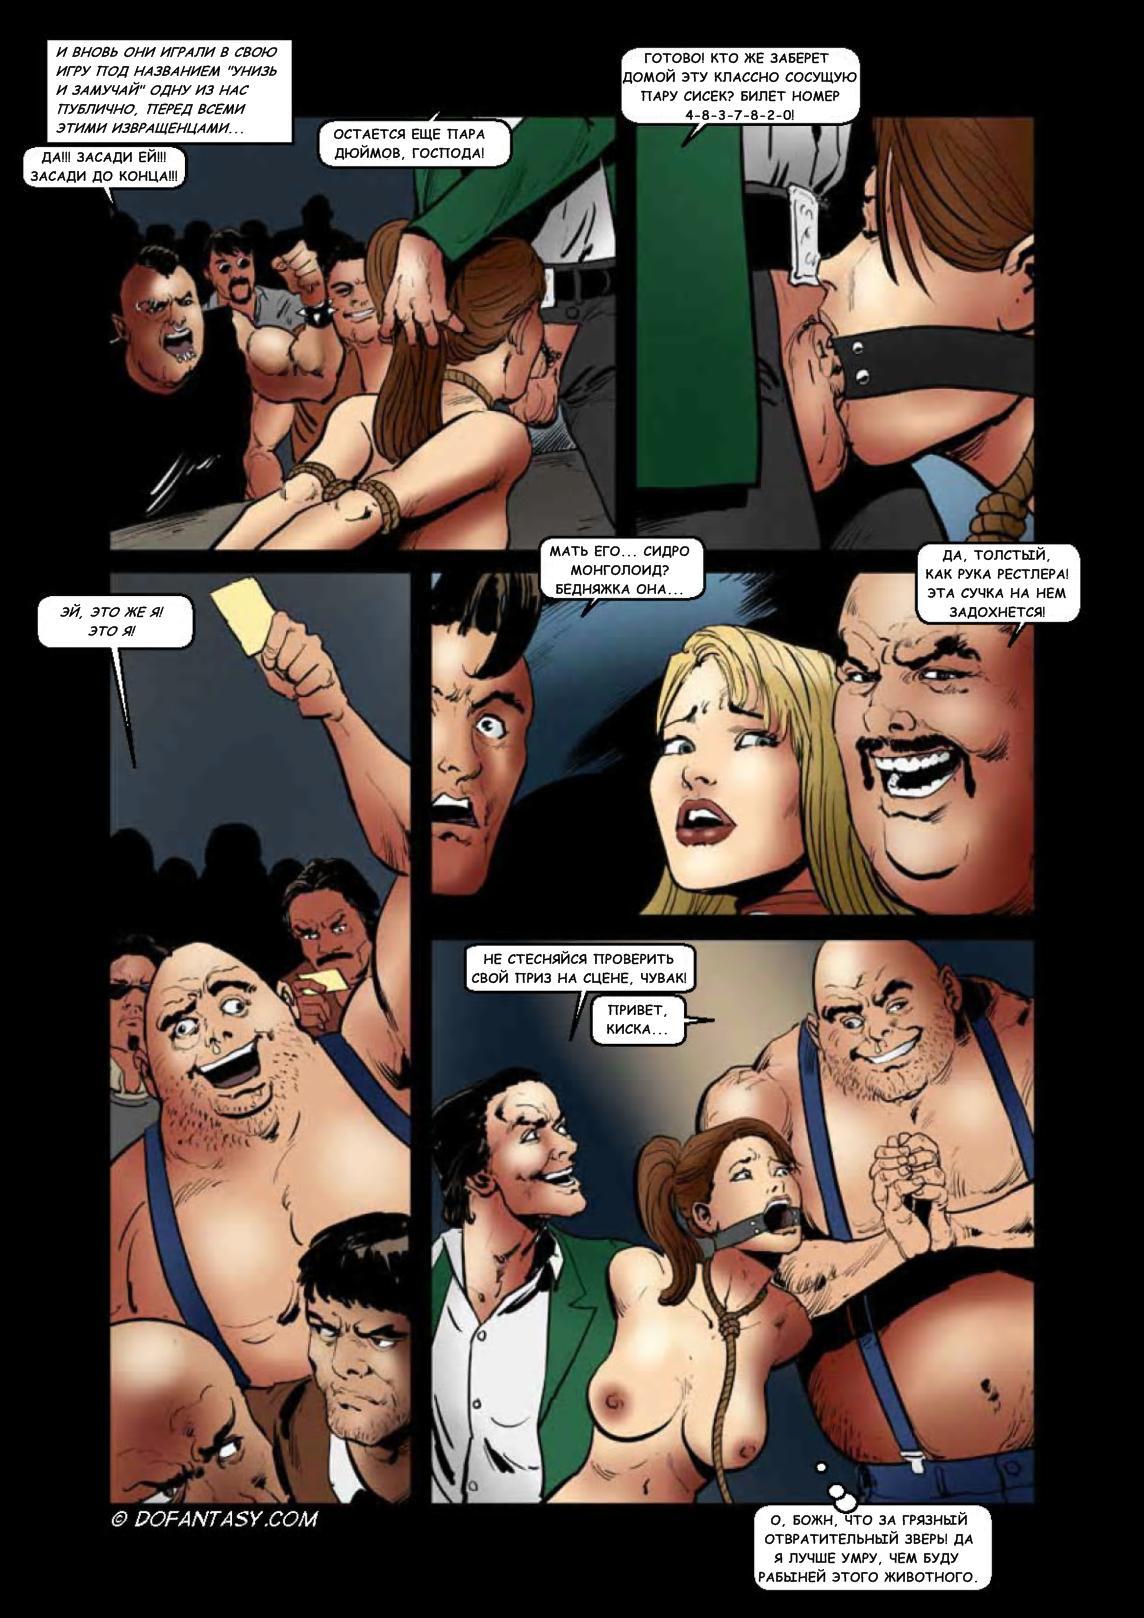 Секс історії дика оргія 5 фотография